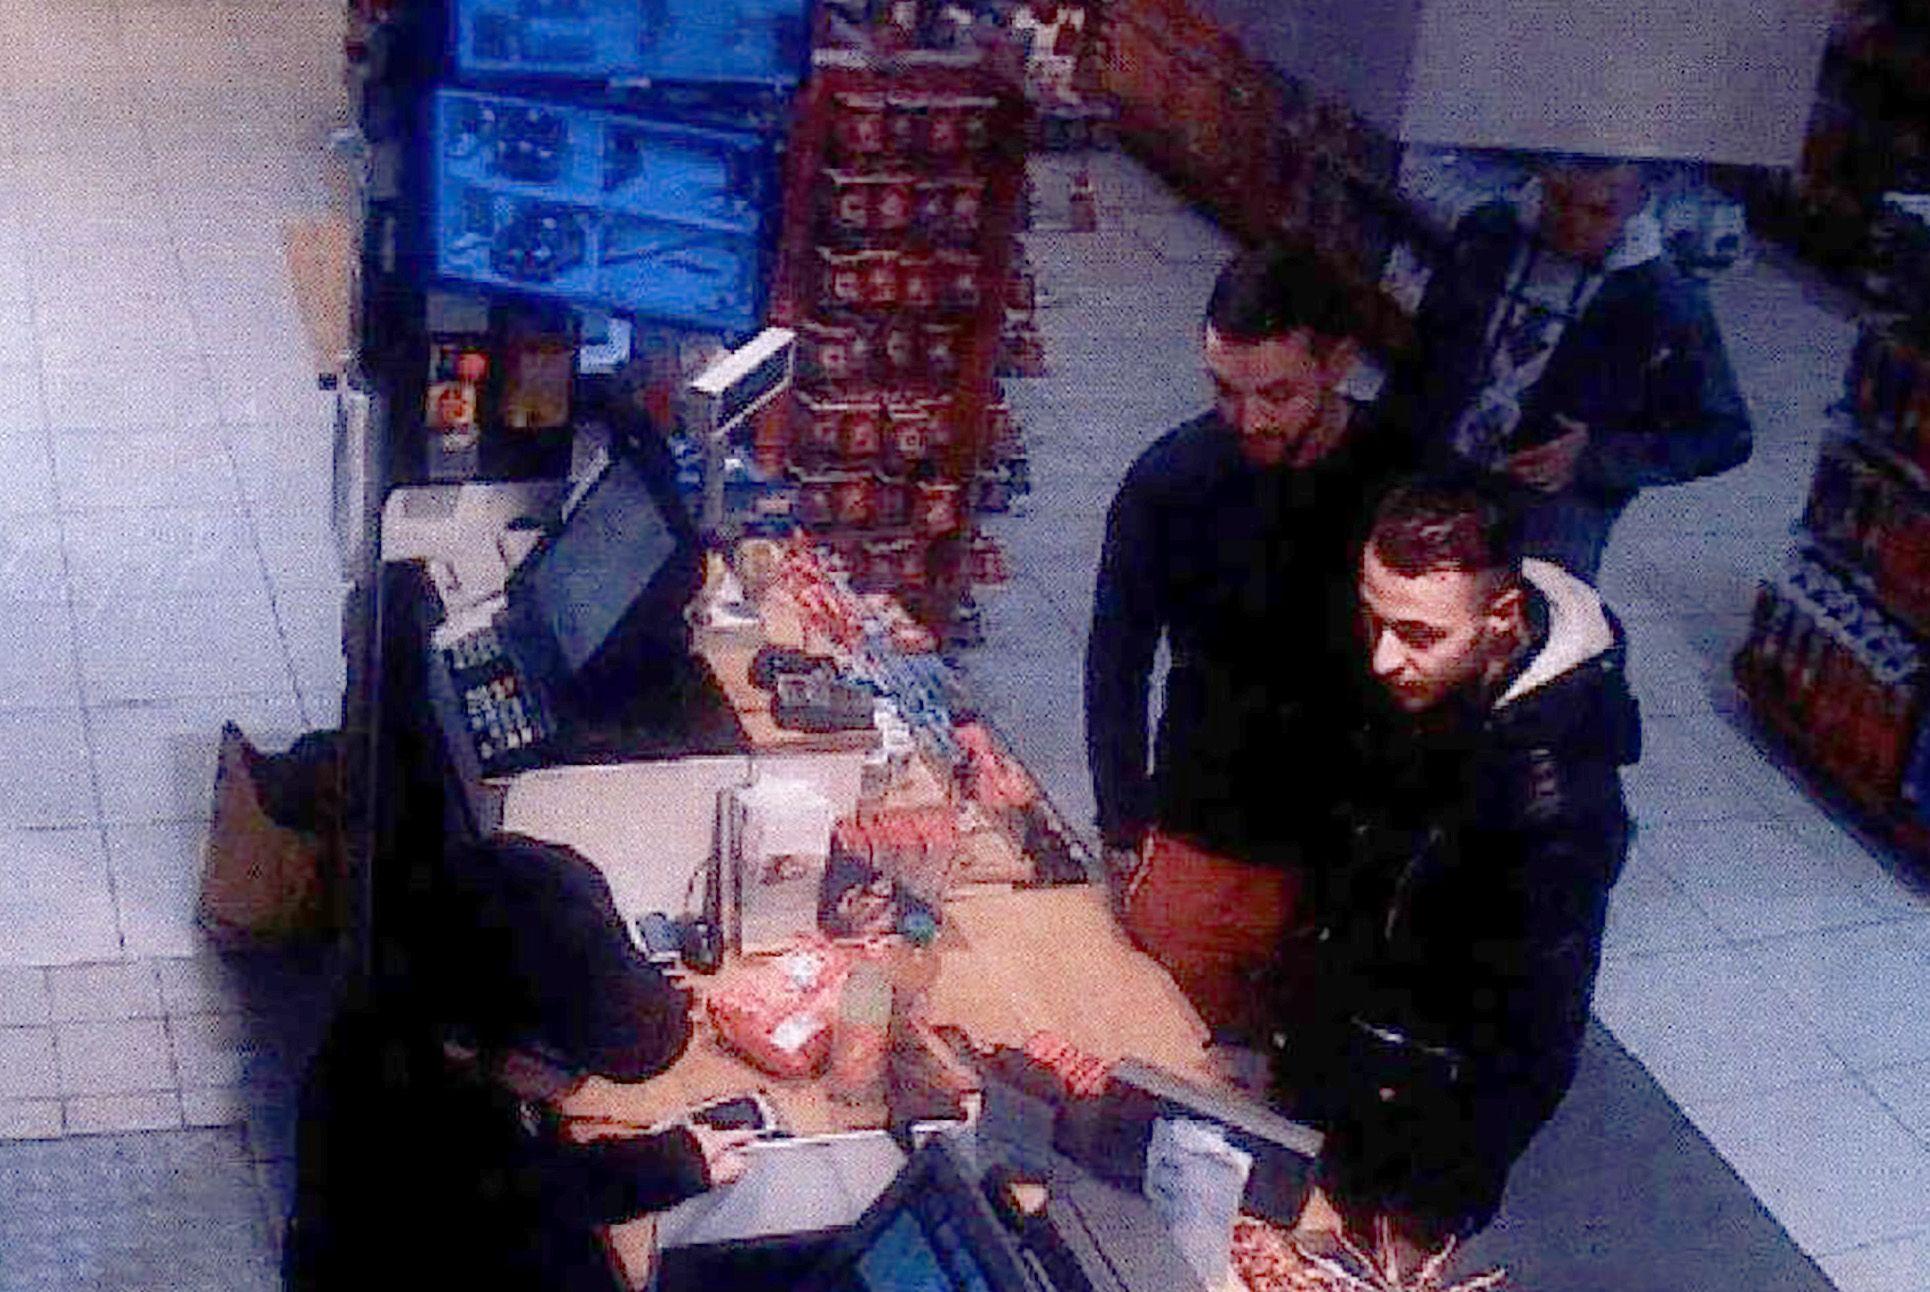 Abrini Brussels Belgium Paris Attacks